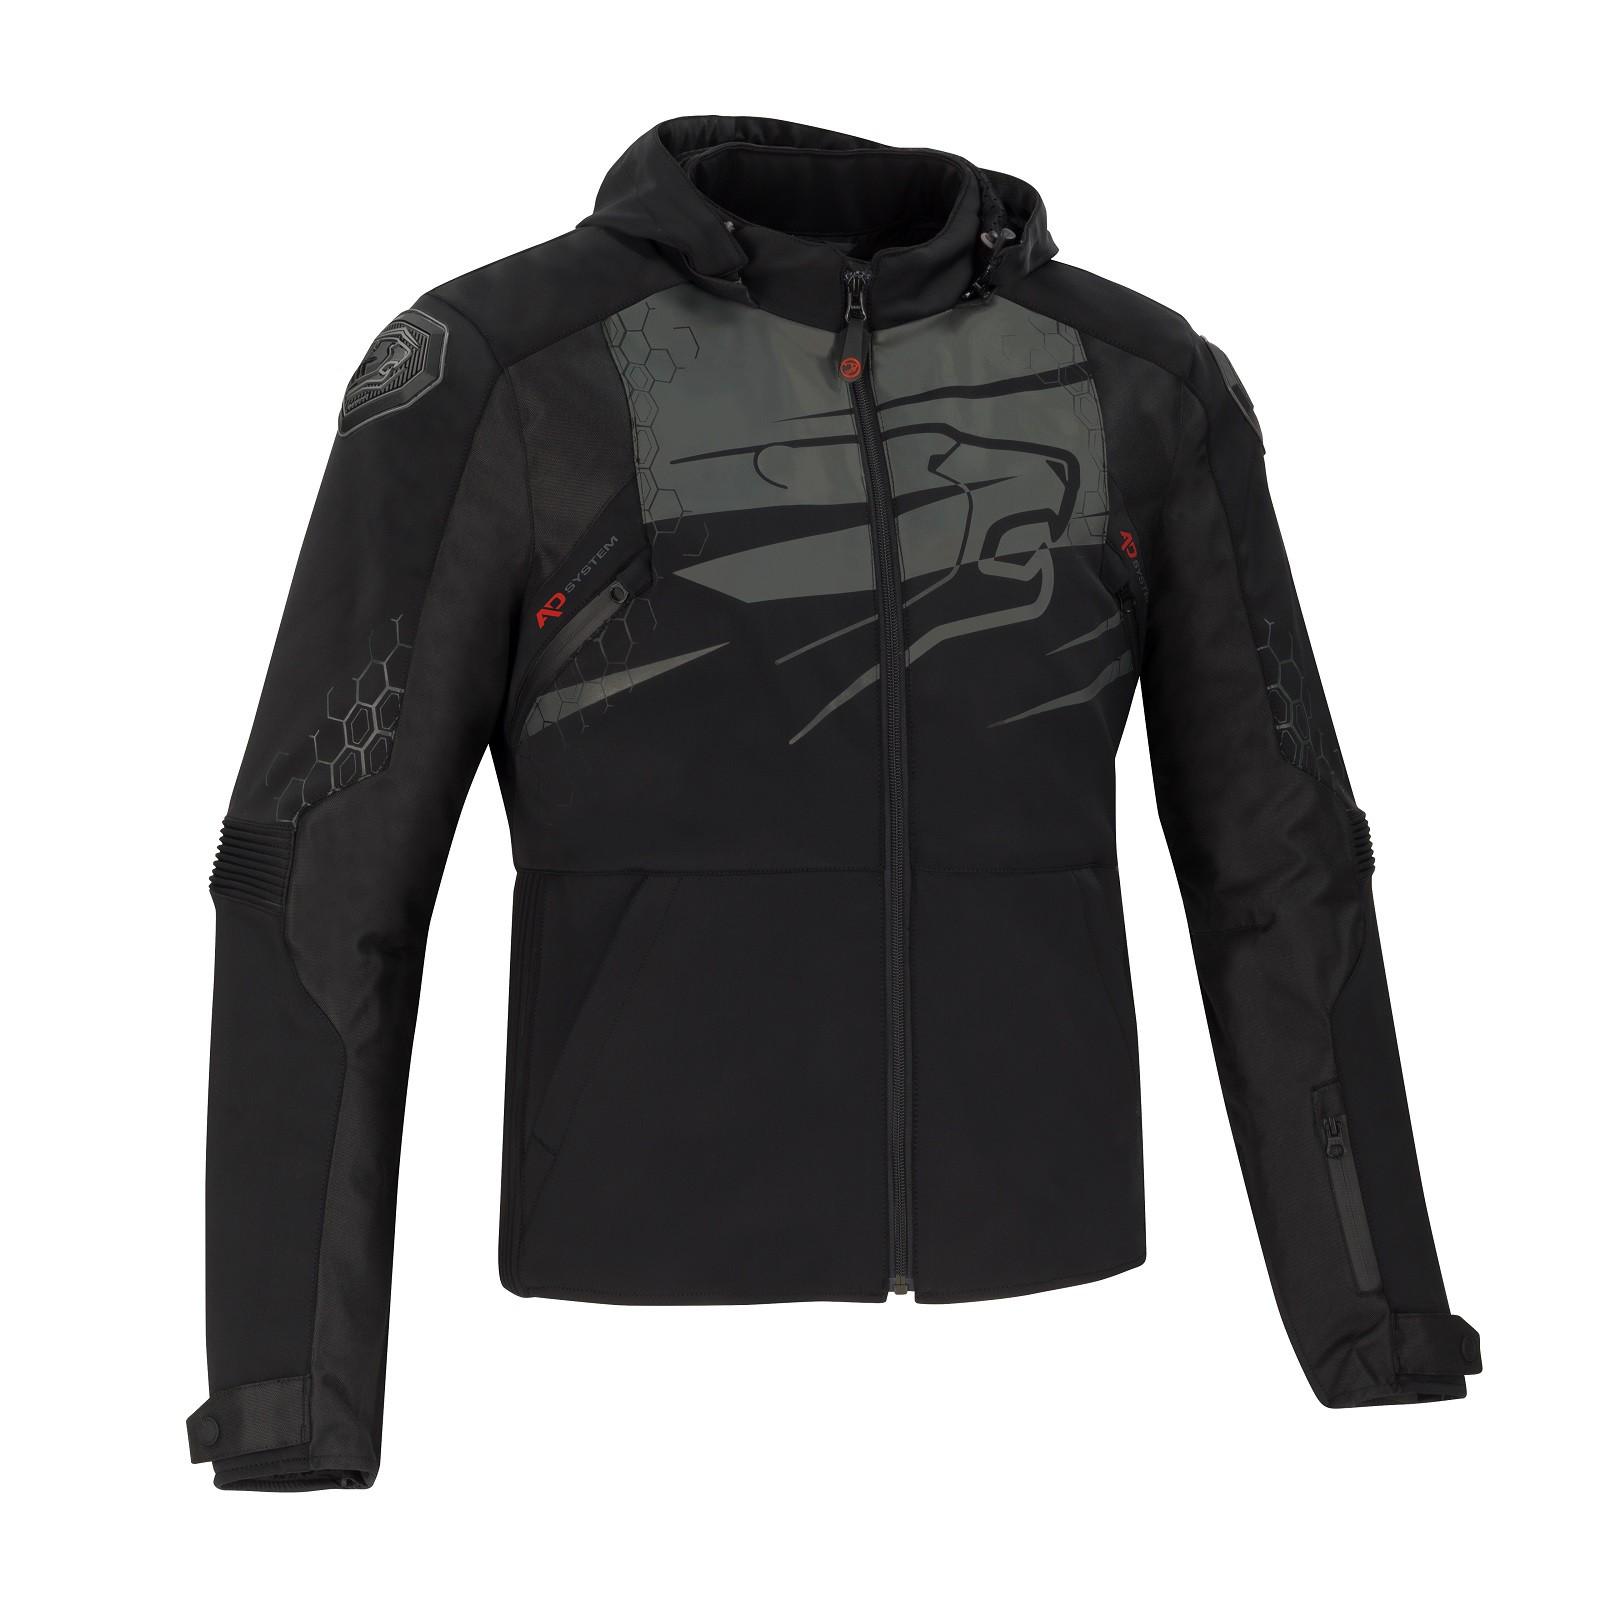 Afbeelding van bering balko zwart textielen motorjas